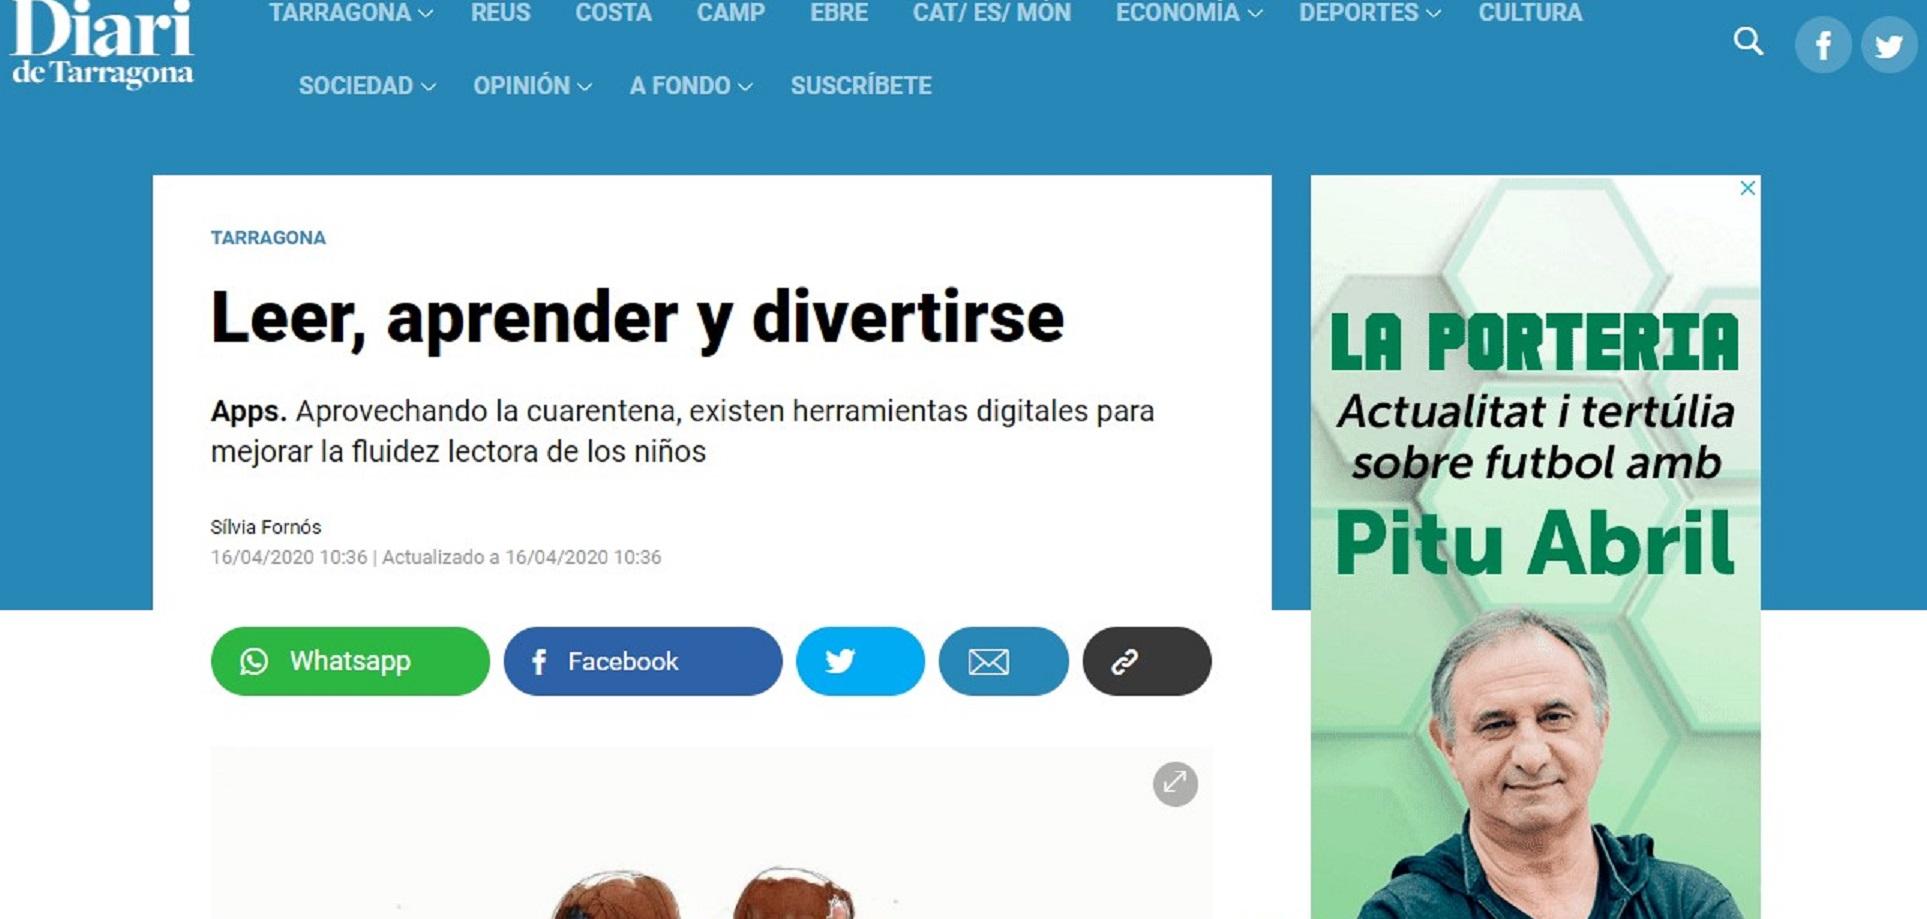 ReadUP by Glifing en el Diario de Tarragona -16/04/2020 gabinete de prensa